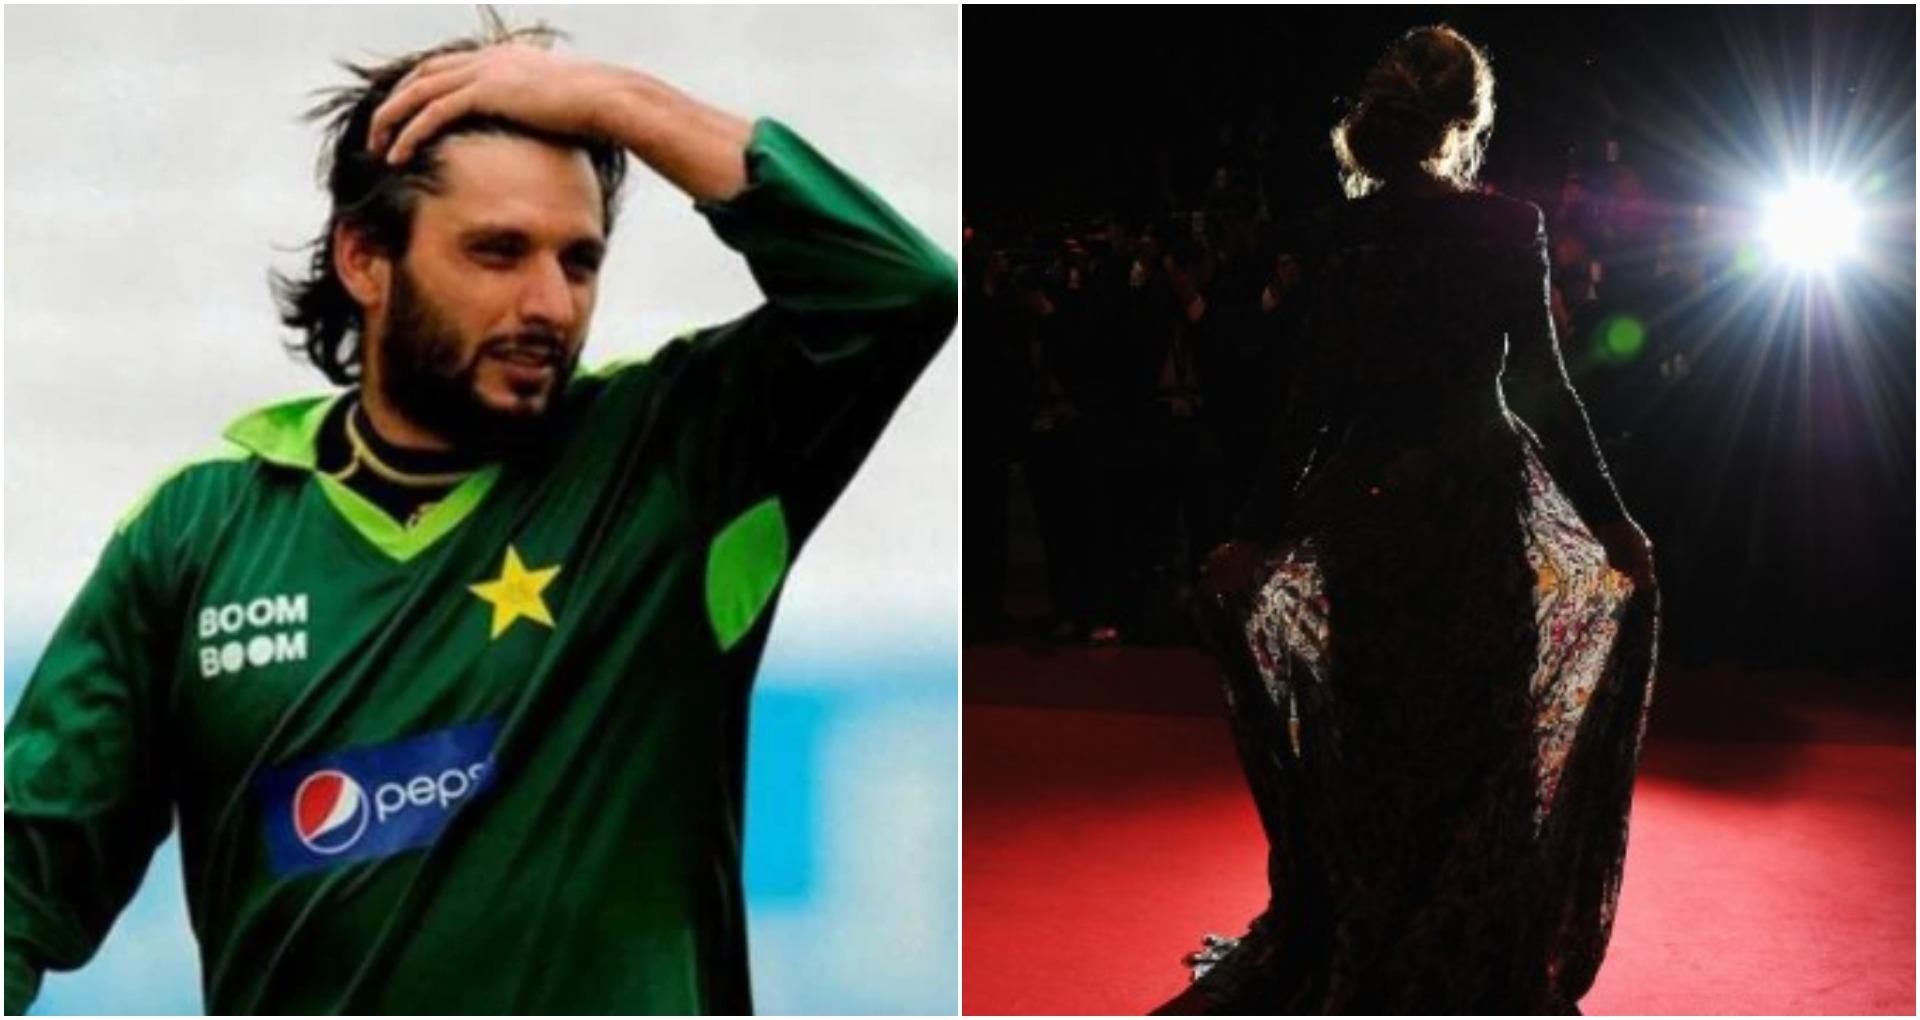 ट्रेंडिंग: पाकिस्तानी क्रिकेटरशाहिद अफ्रीदी की हॉटनेस पर फ़िदा हुई टीवी की ये एक्ट्रेस, पढ़ें टॉप 5 न्यूज़